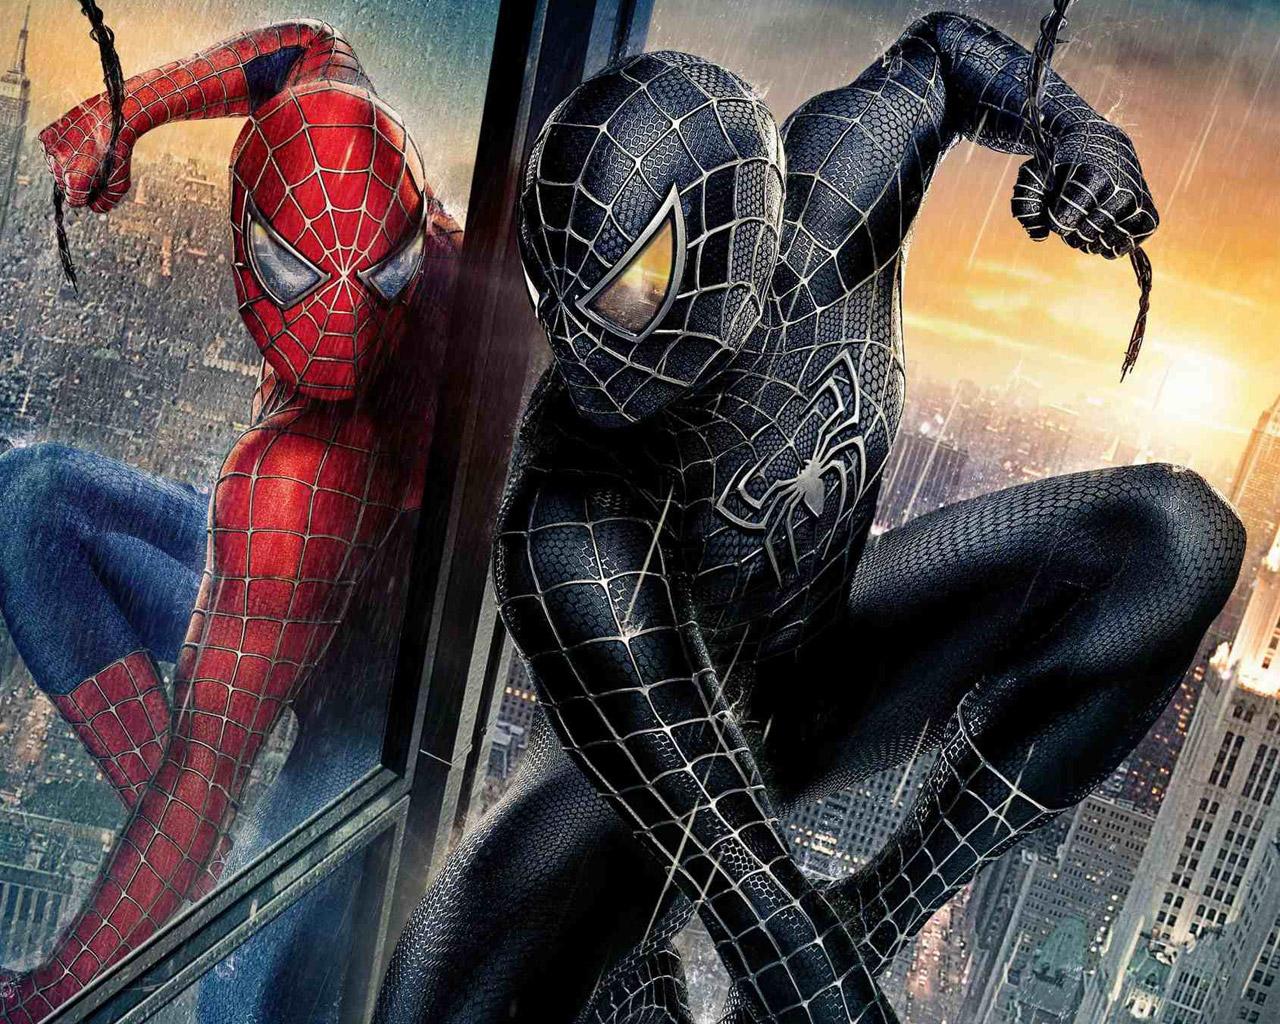 http://2.bp.blogspot.com/-kB31keDMiLk/UBK_qWLl4yI/AAAAAAAAJk4/lkkZ__Gxa-U/s1600/spiderman_3.jpg